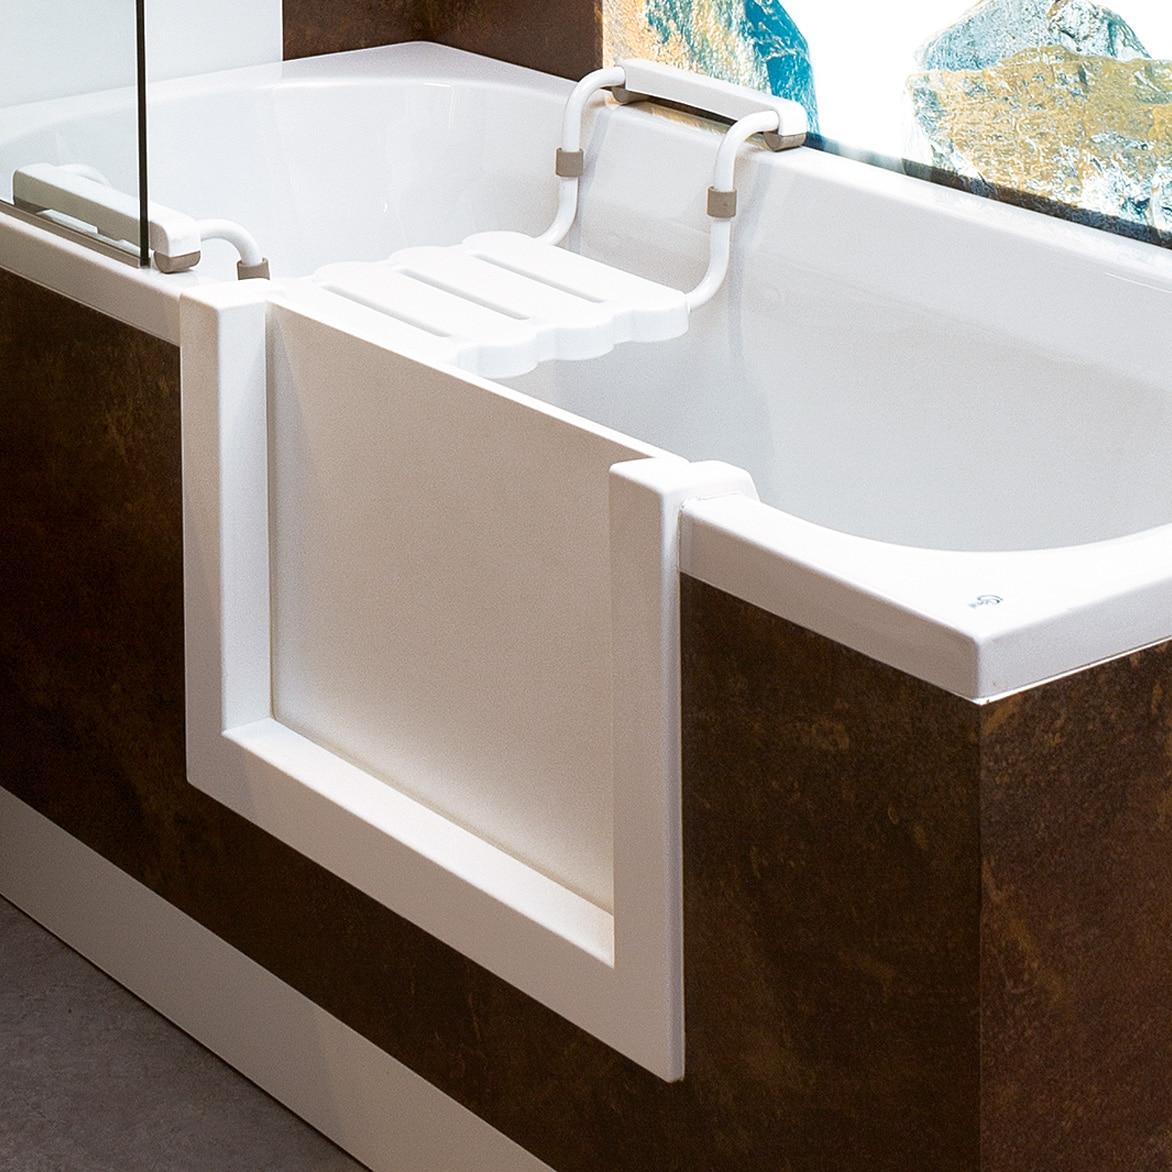 Badewannentür für den nachträglichen Einbau in eine vorhande Badewanne